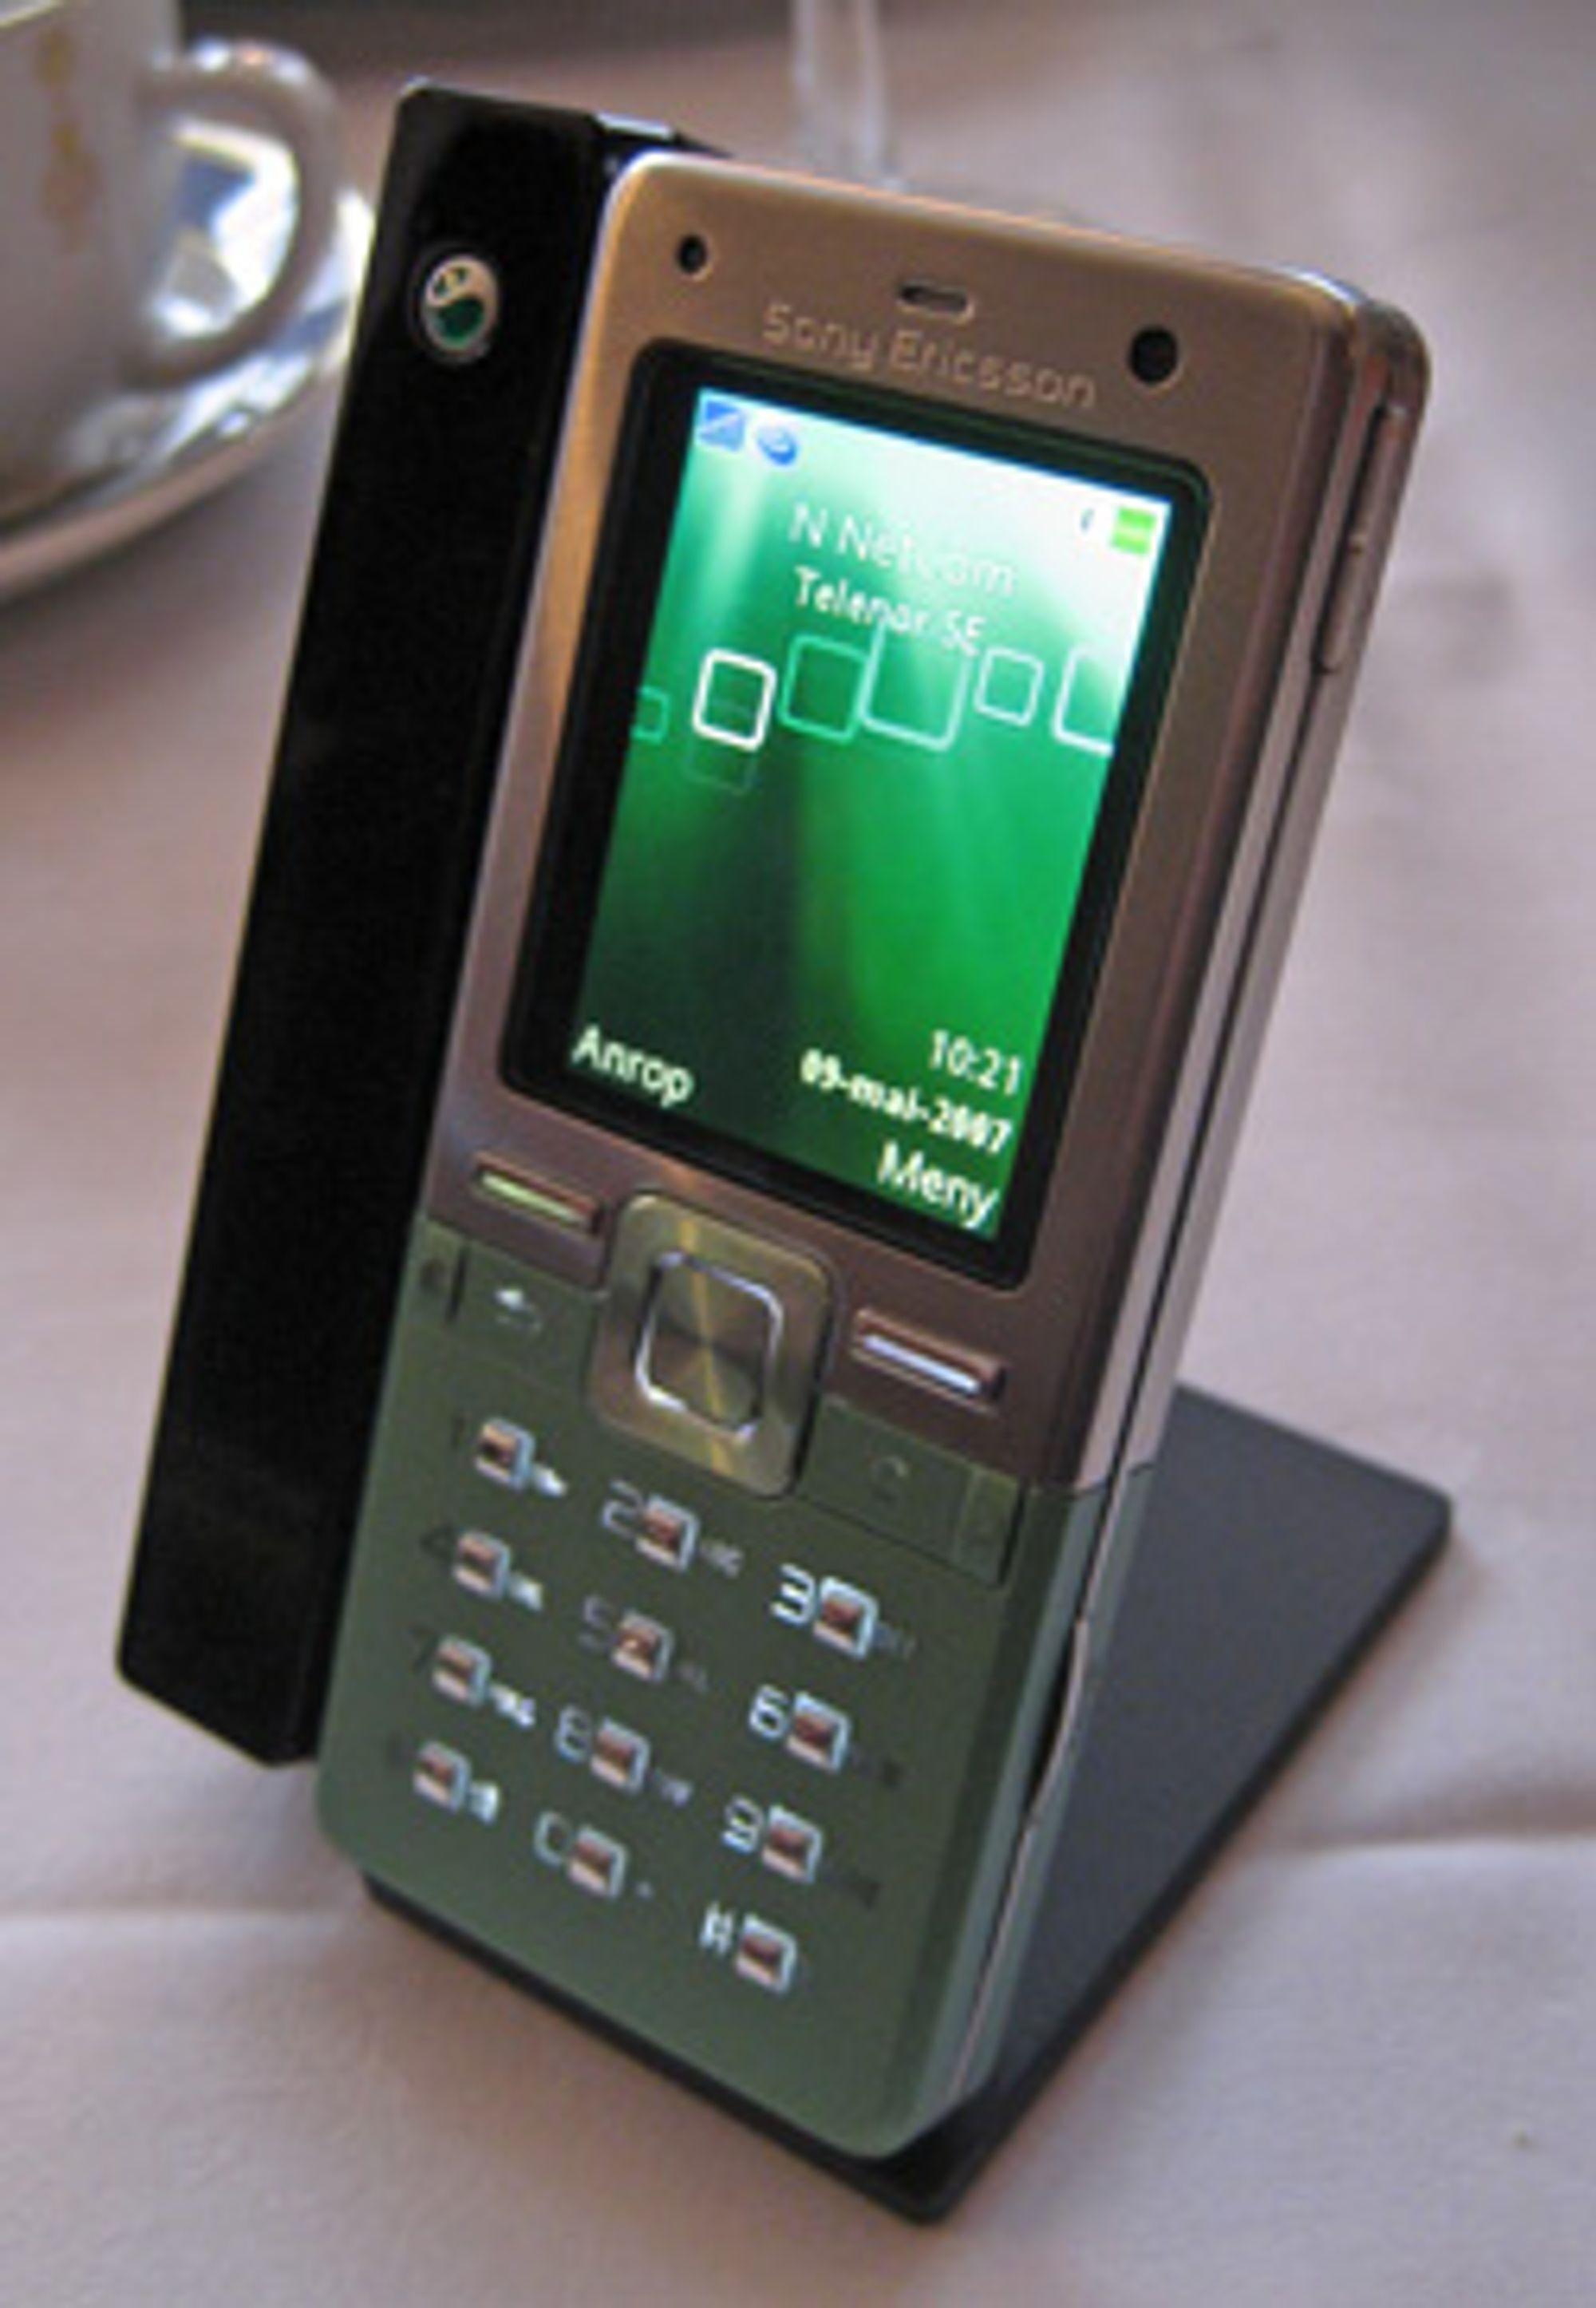 Med i pakken følger et bordstativ som du kan lade telefonen i.